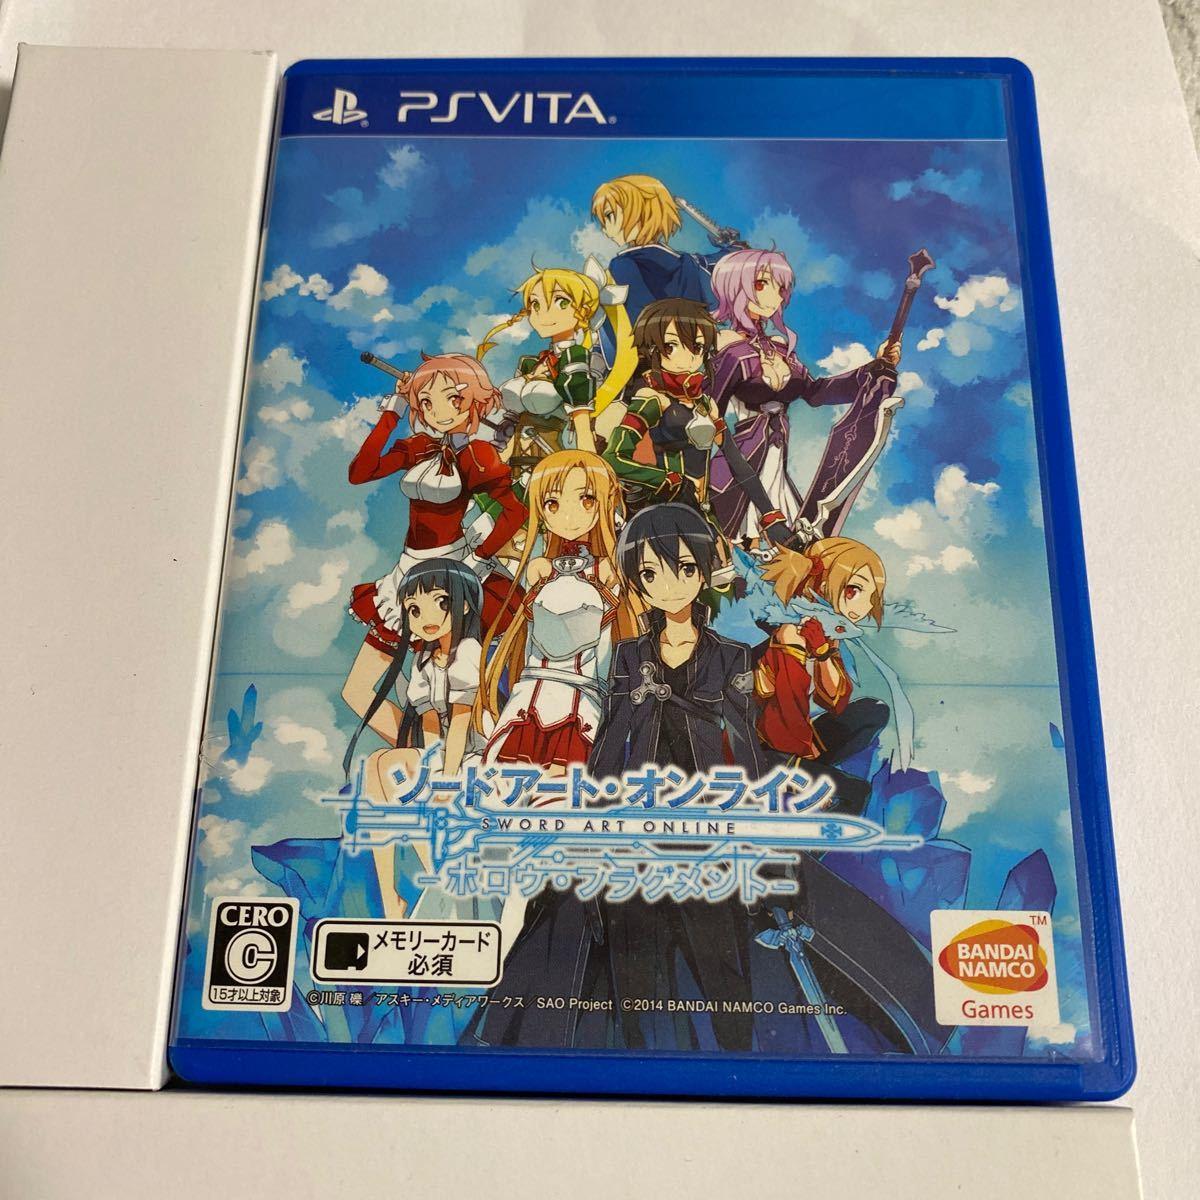 初回限定 限定版 PS Vita PSVITAソフト ソードアート・オンラインホロウ・フラグメント VITA